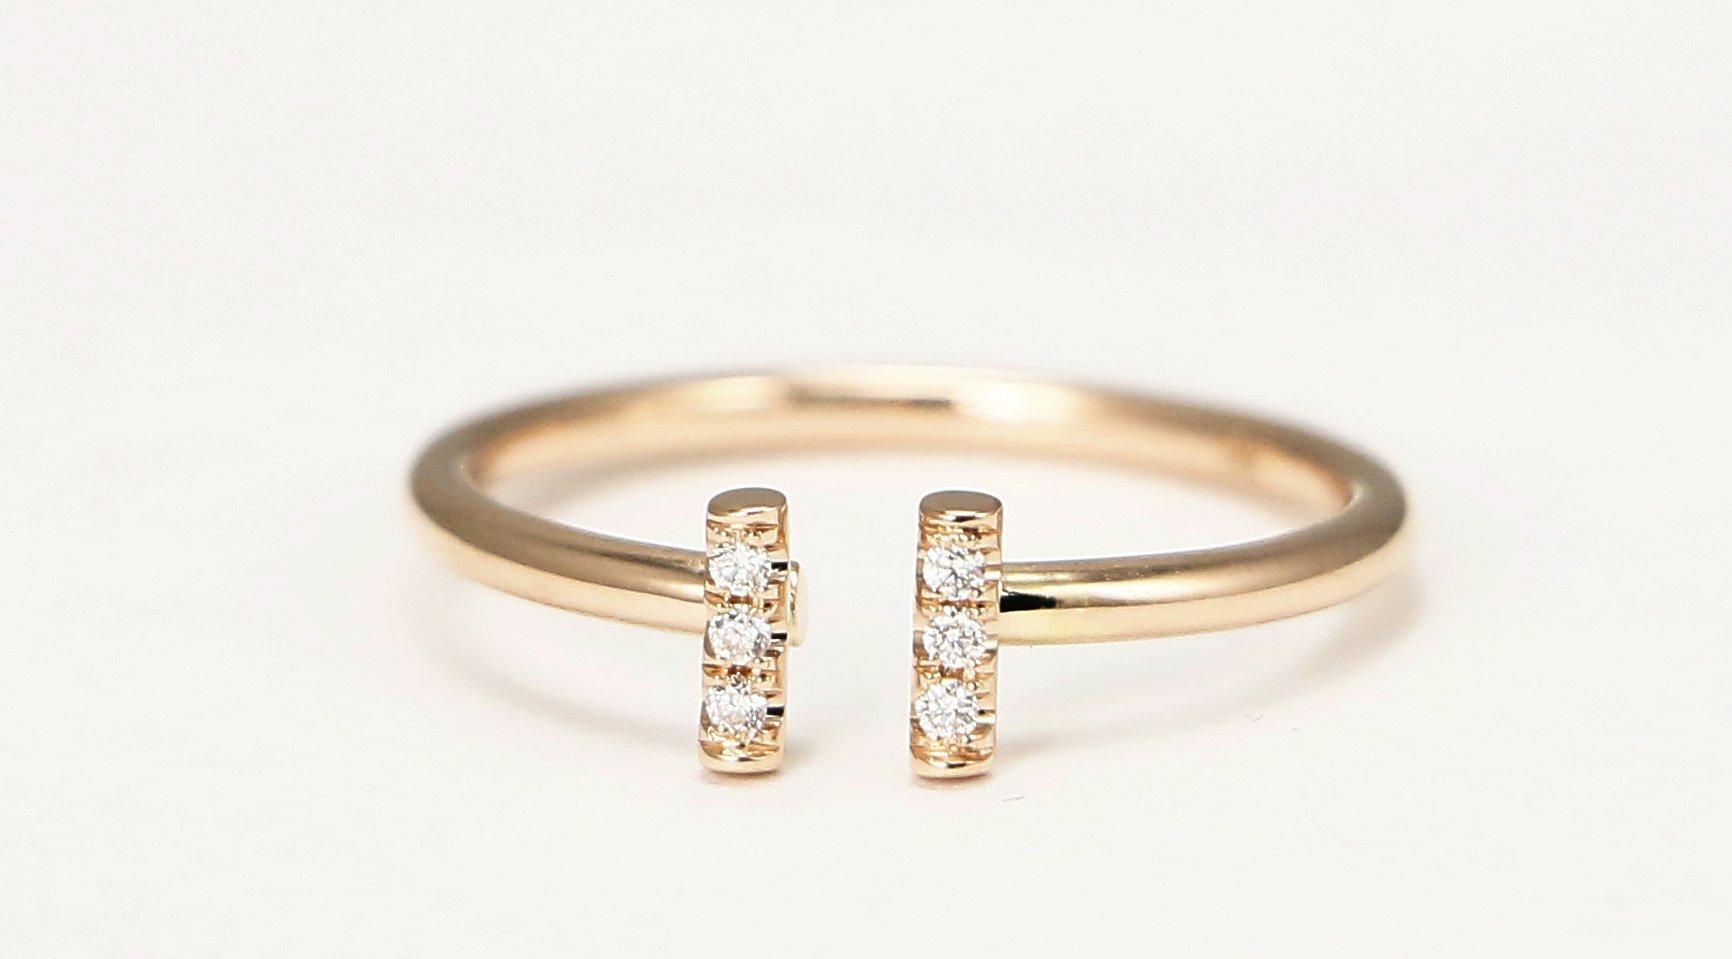 14k Rose Gold Double Bar Ring, Diamond Stacking Ring